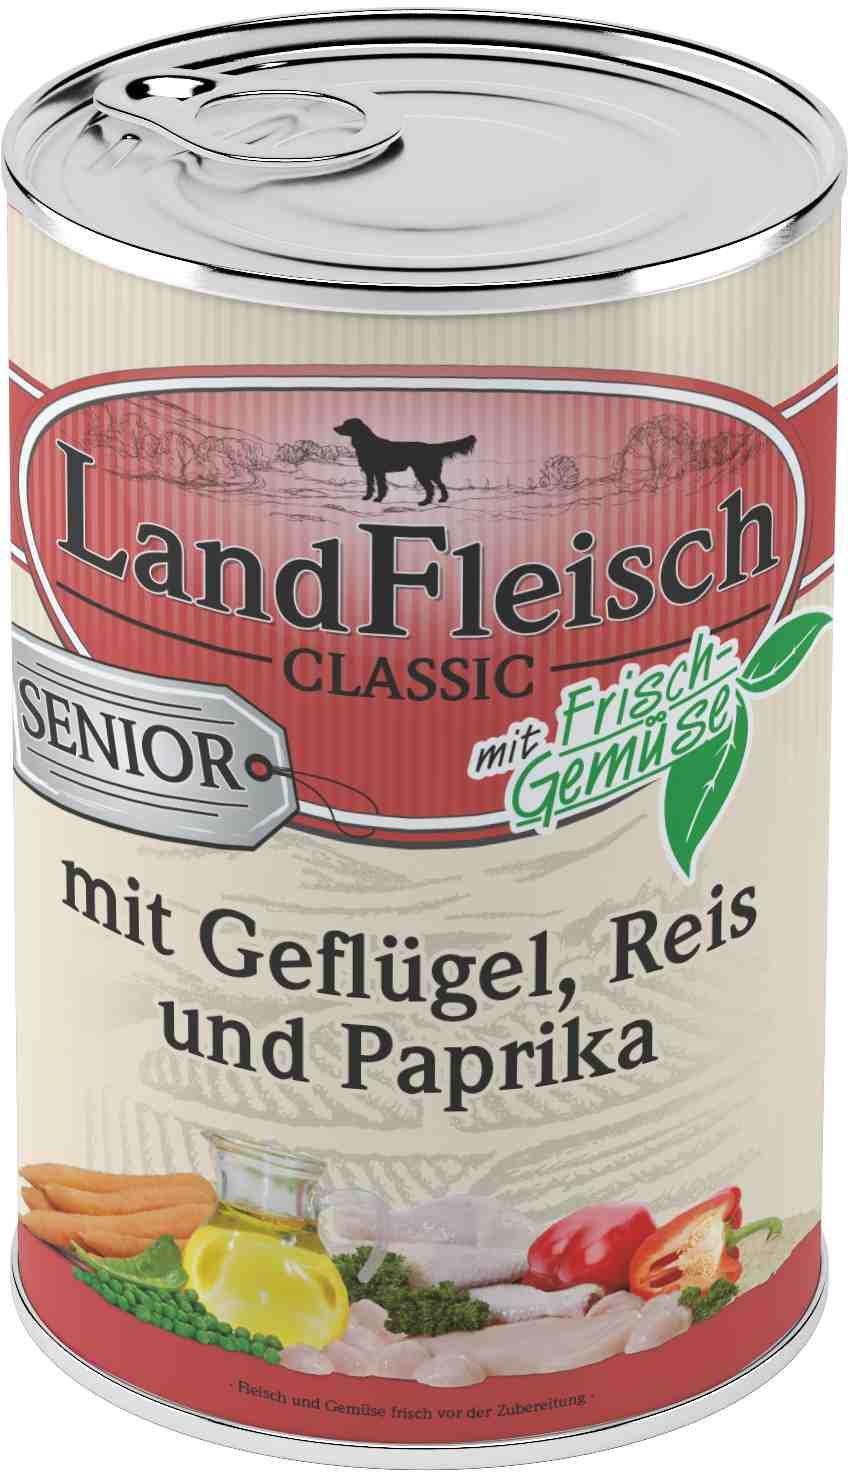 Landfleisch Dog Classic Senior Gefl. Reis, Paprika 400g